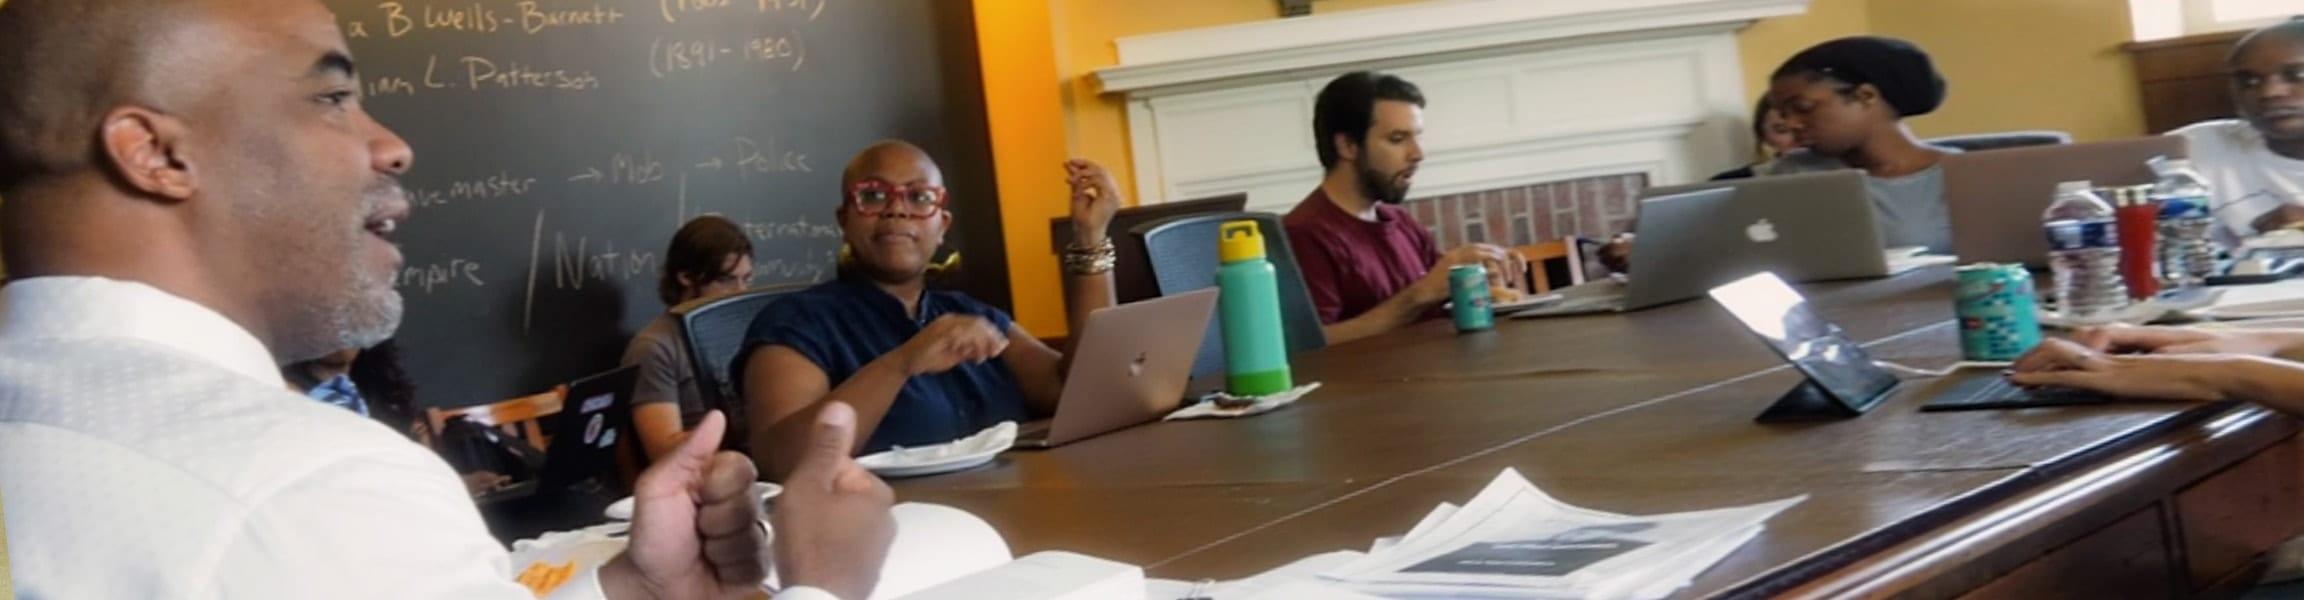 Professor Nathan Connolly teaching a graduate seminar